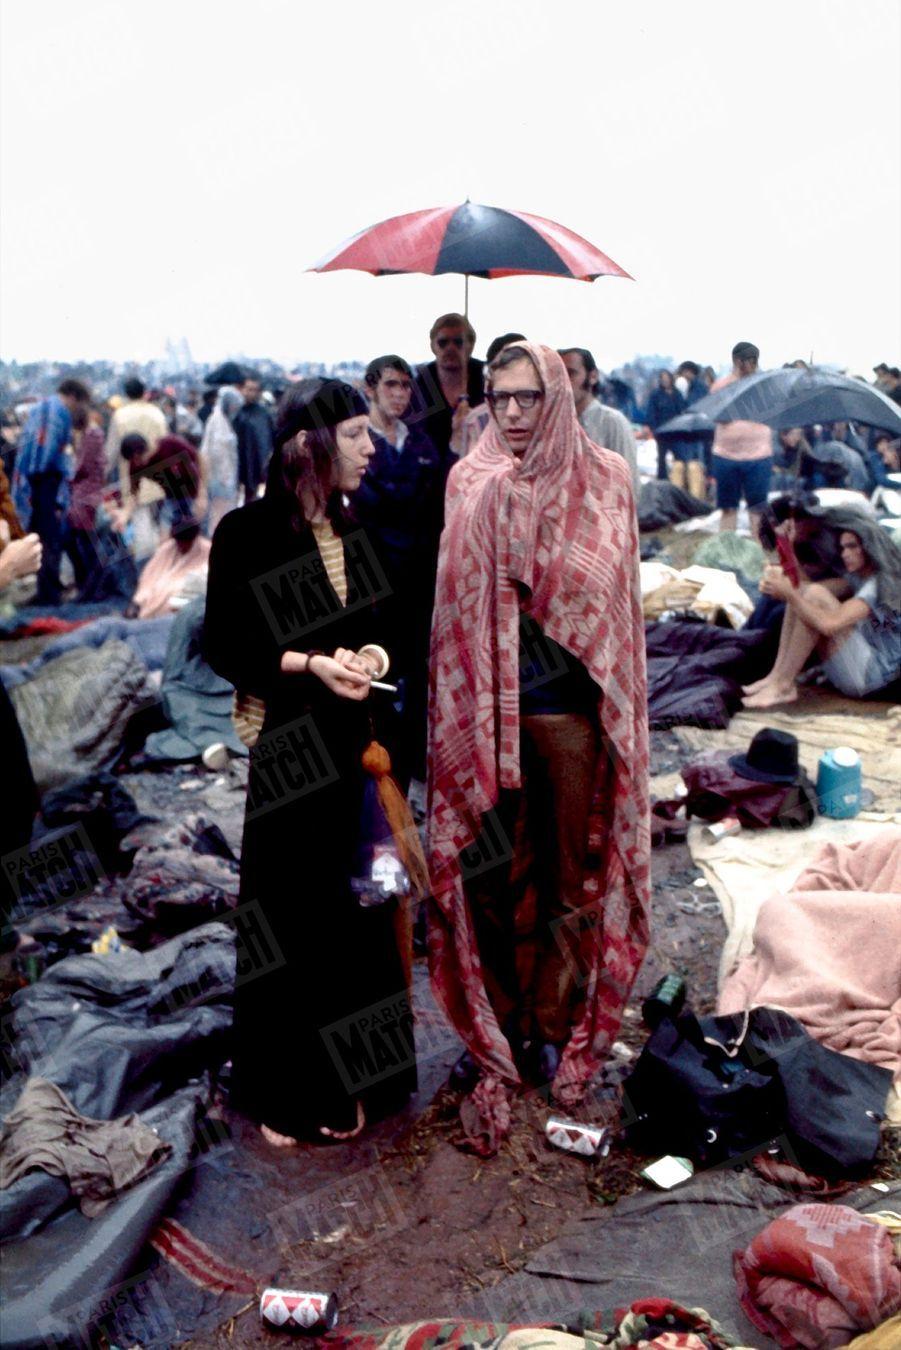 «Trempés et affamés, ils n'ont pas dormi pendant trois jours pour entendre leur idole Joan Baez. Rien n'affecte la sérénité des hippies. La pluie rapprocha ceux qui n'avaient pas de parapluie.» - Paris Match n°1060, 30 août 1969